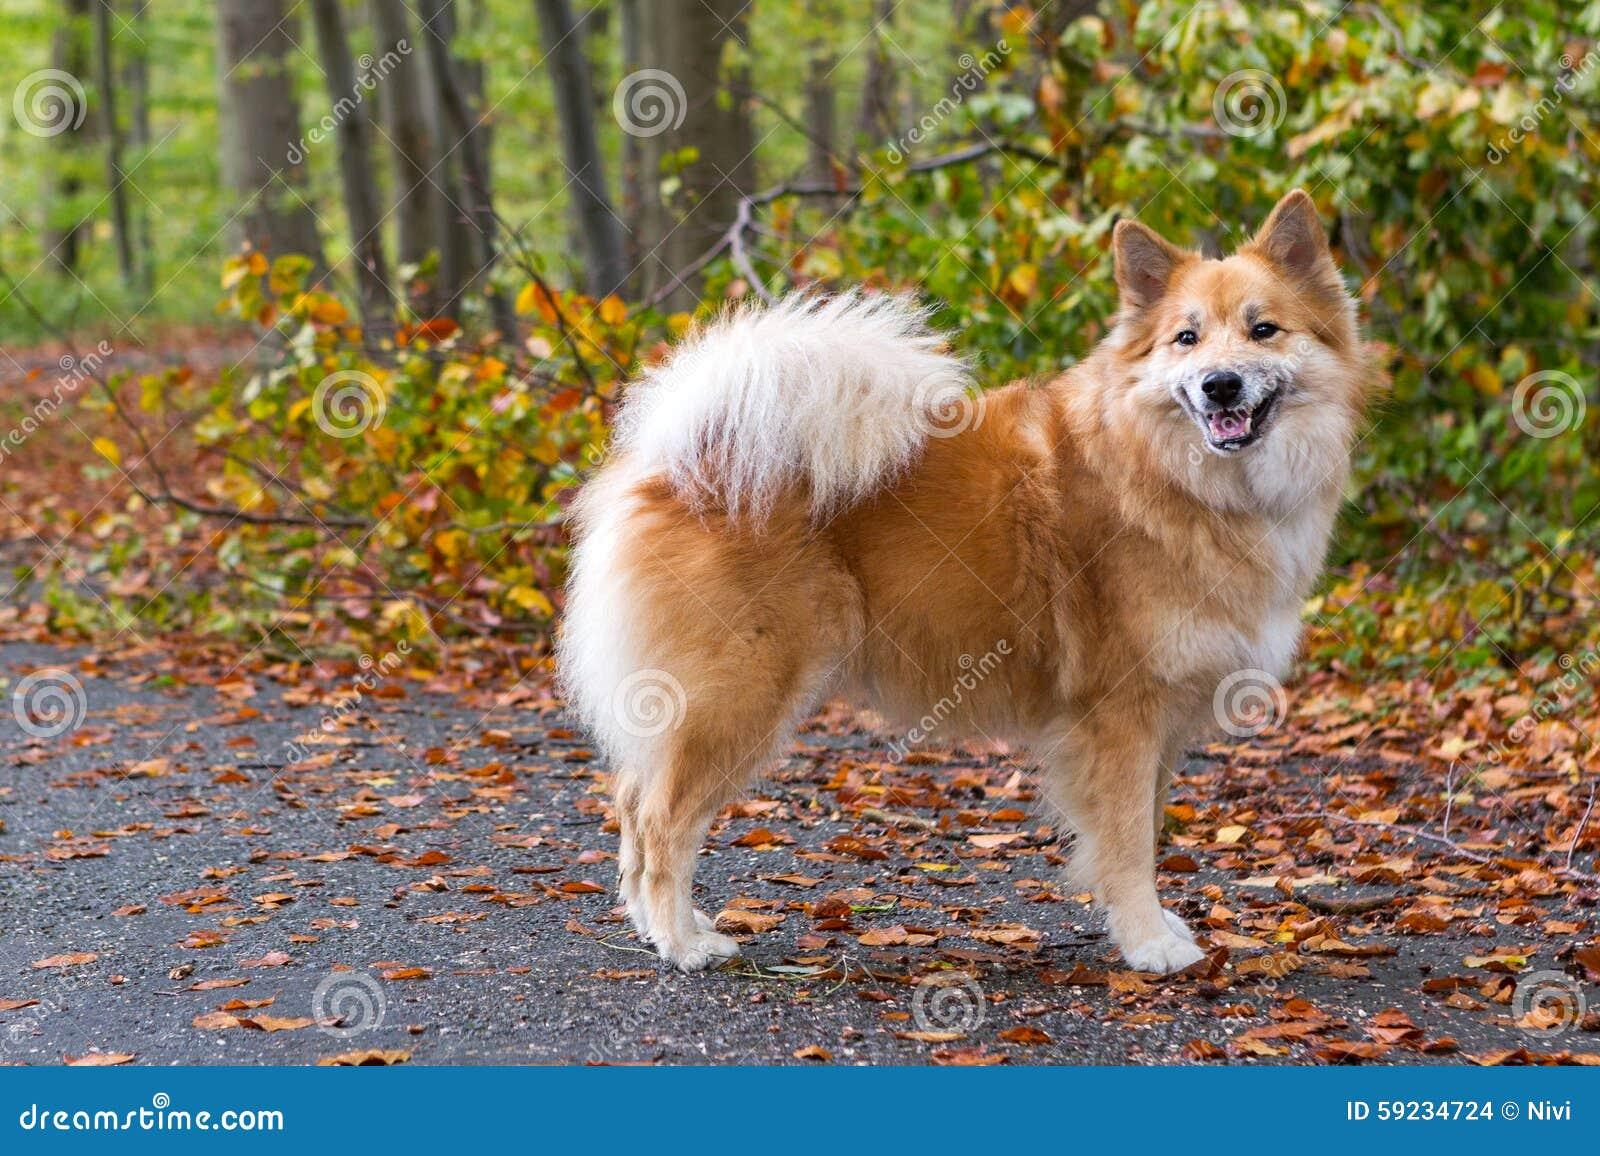 Cane pastore islandese nella foresta di autunno